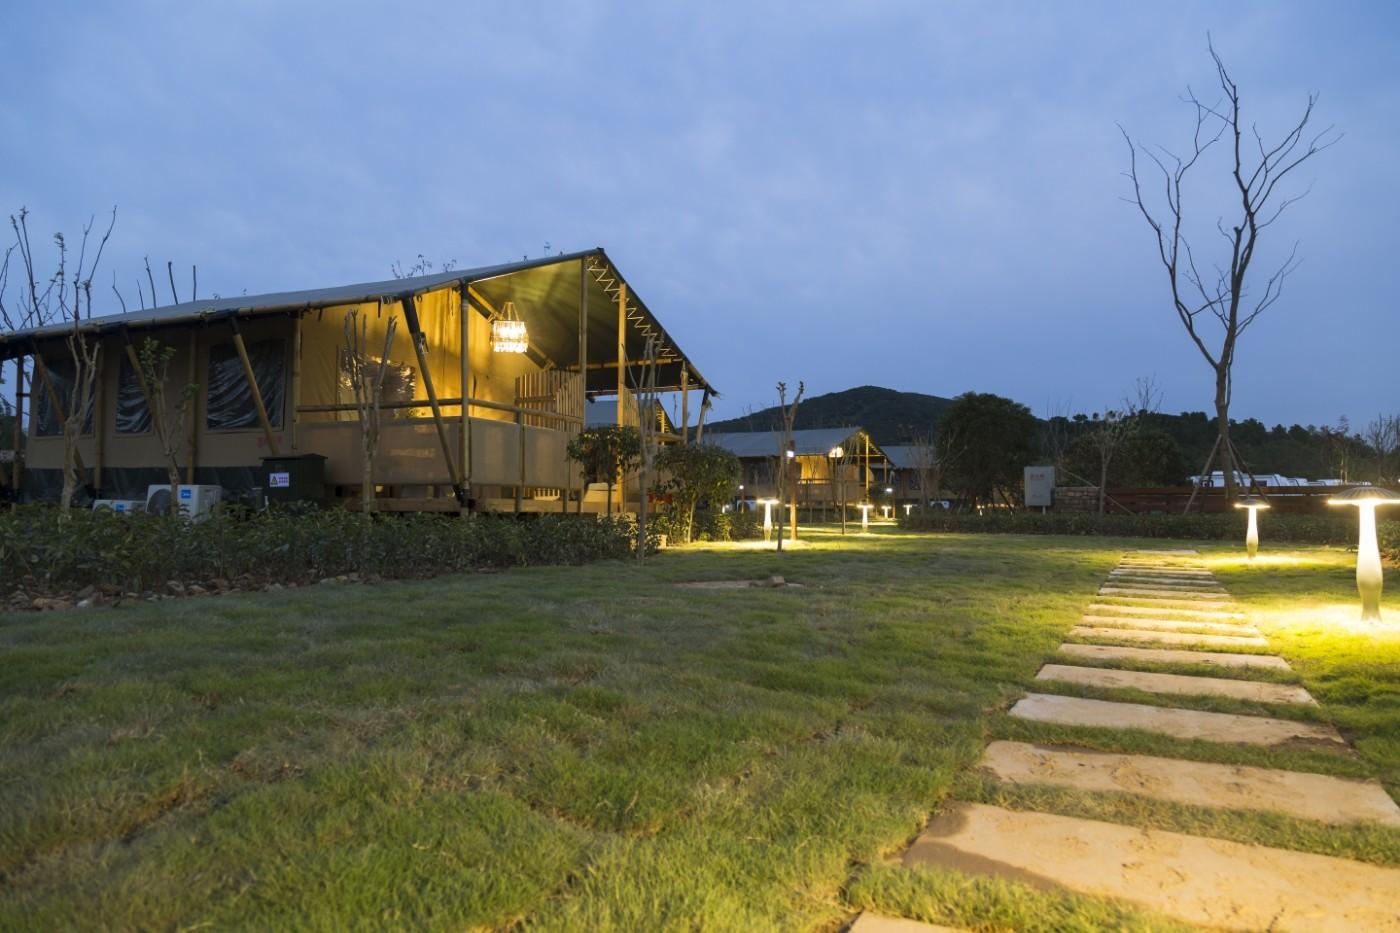 喜马拉雅野奢帐篷酒店—太湖湾露营谷9